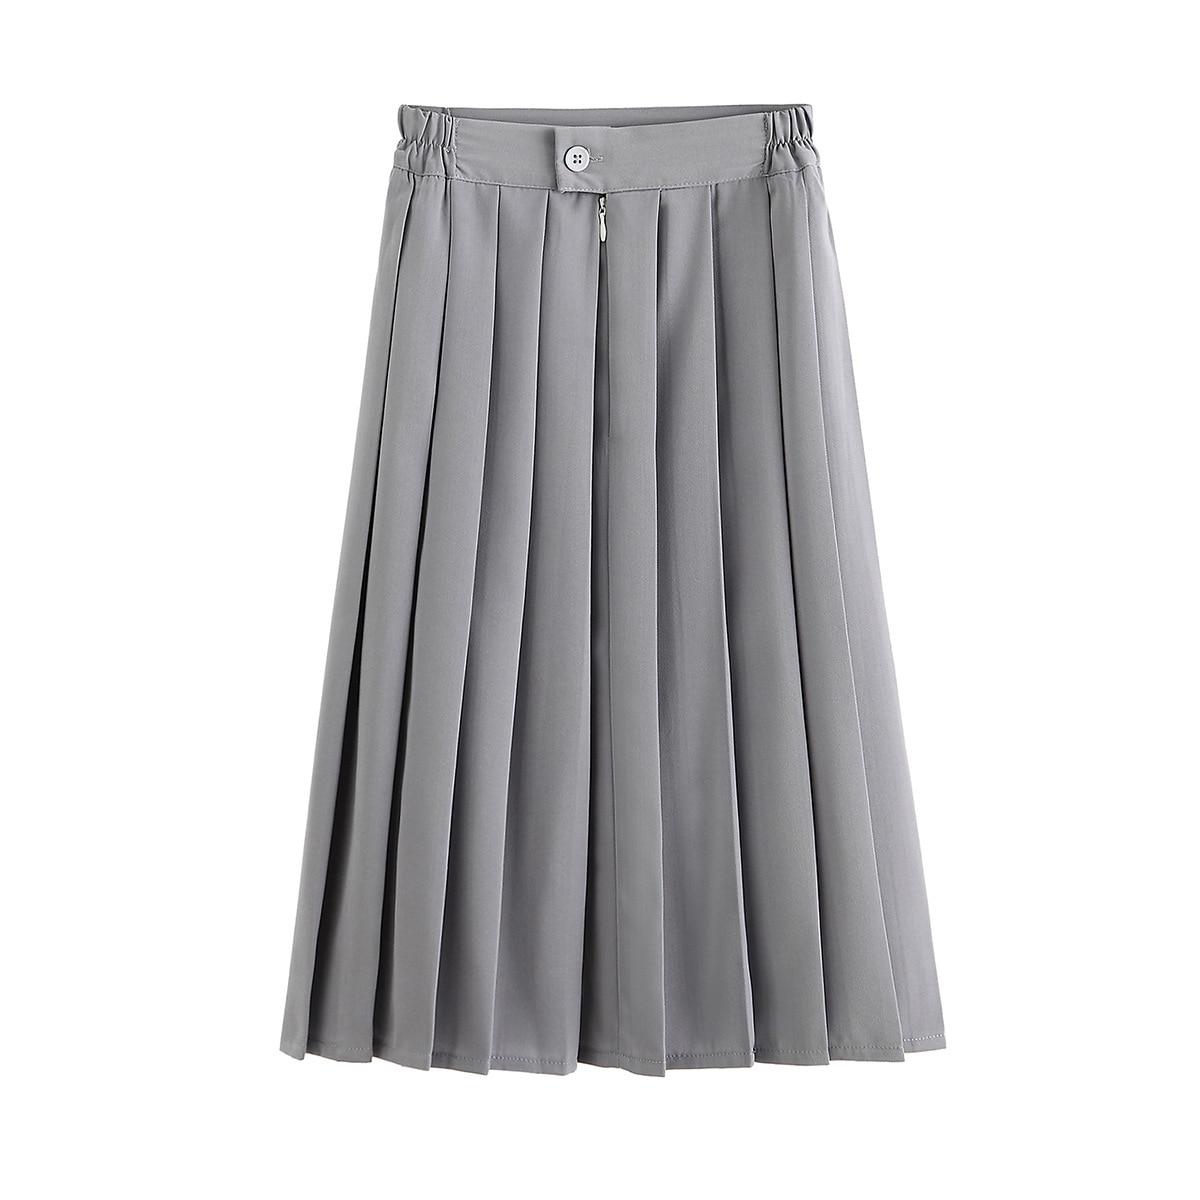 2020 New 5XL High Waist A-Linen Women Pleated Skirt Saia Stretch Waist Plus Size Women Midi Skirt Faldas Jupe Femme